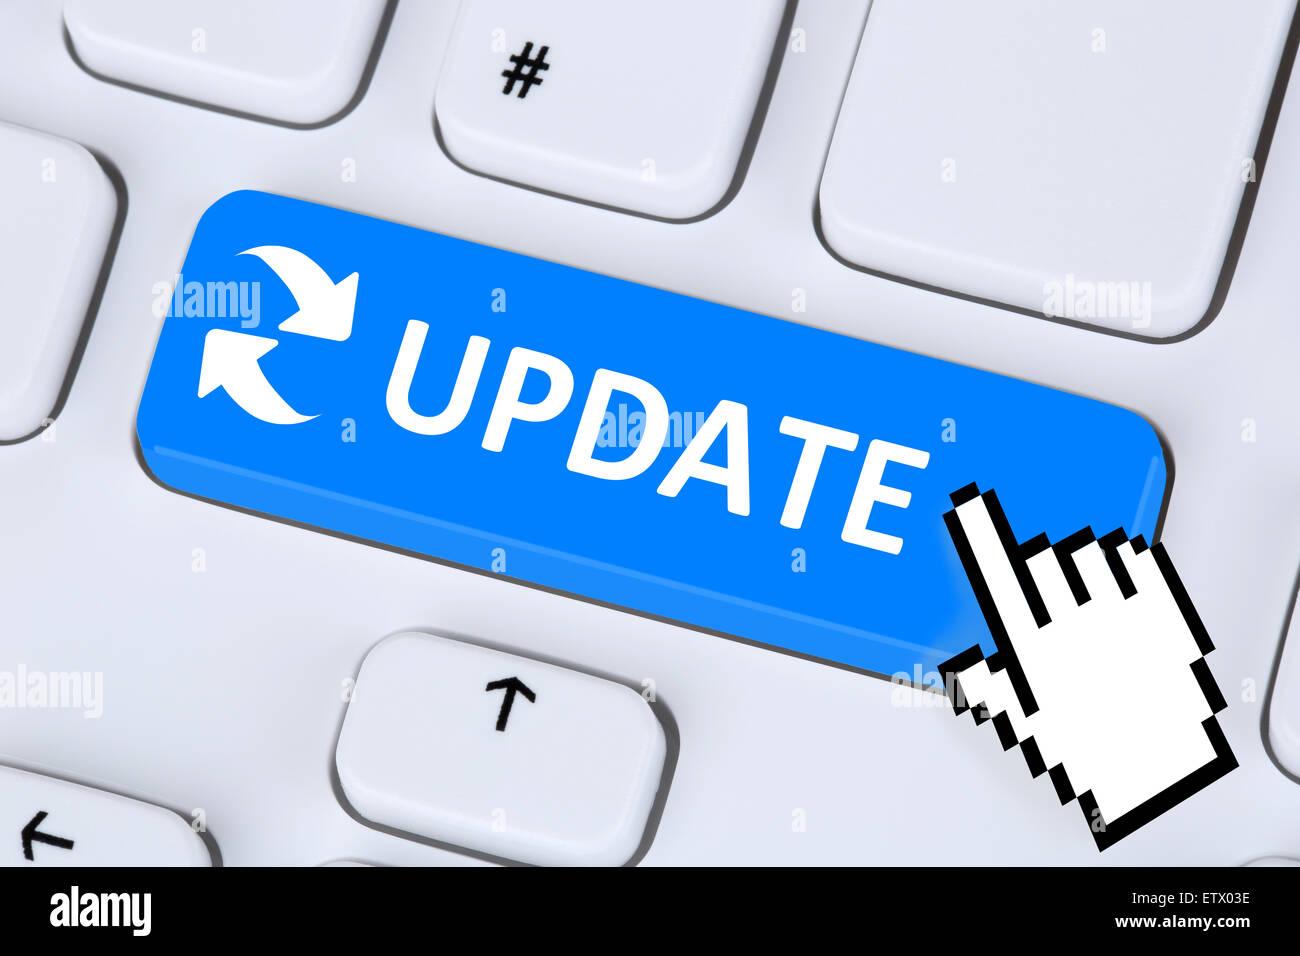 Actualización de software del equipo de seguridad de red virus en internet Imagen De Stock